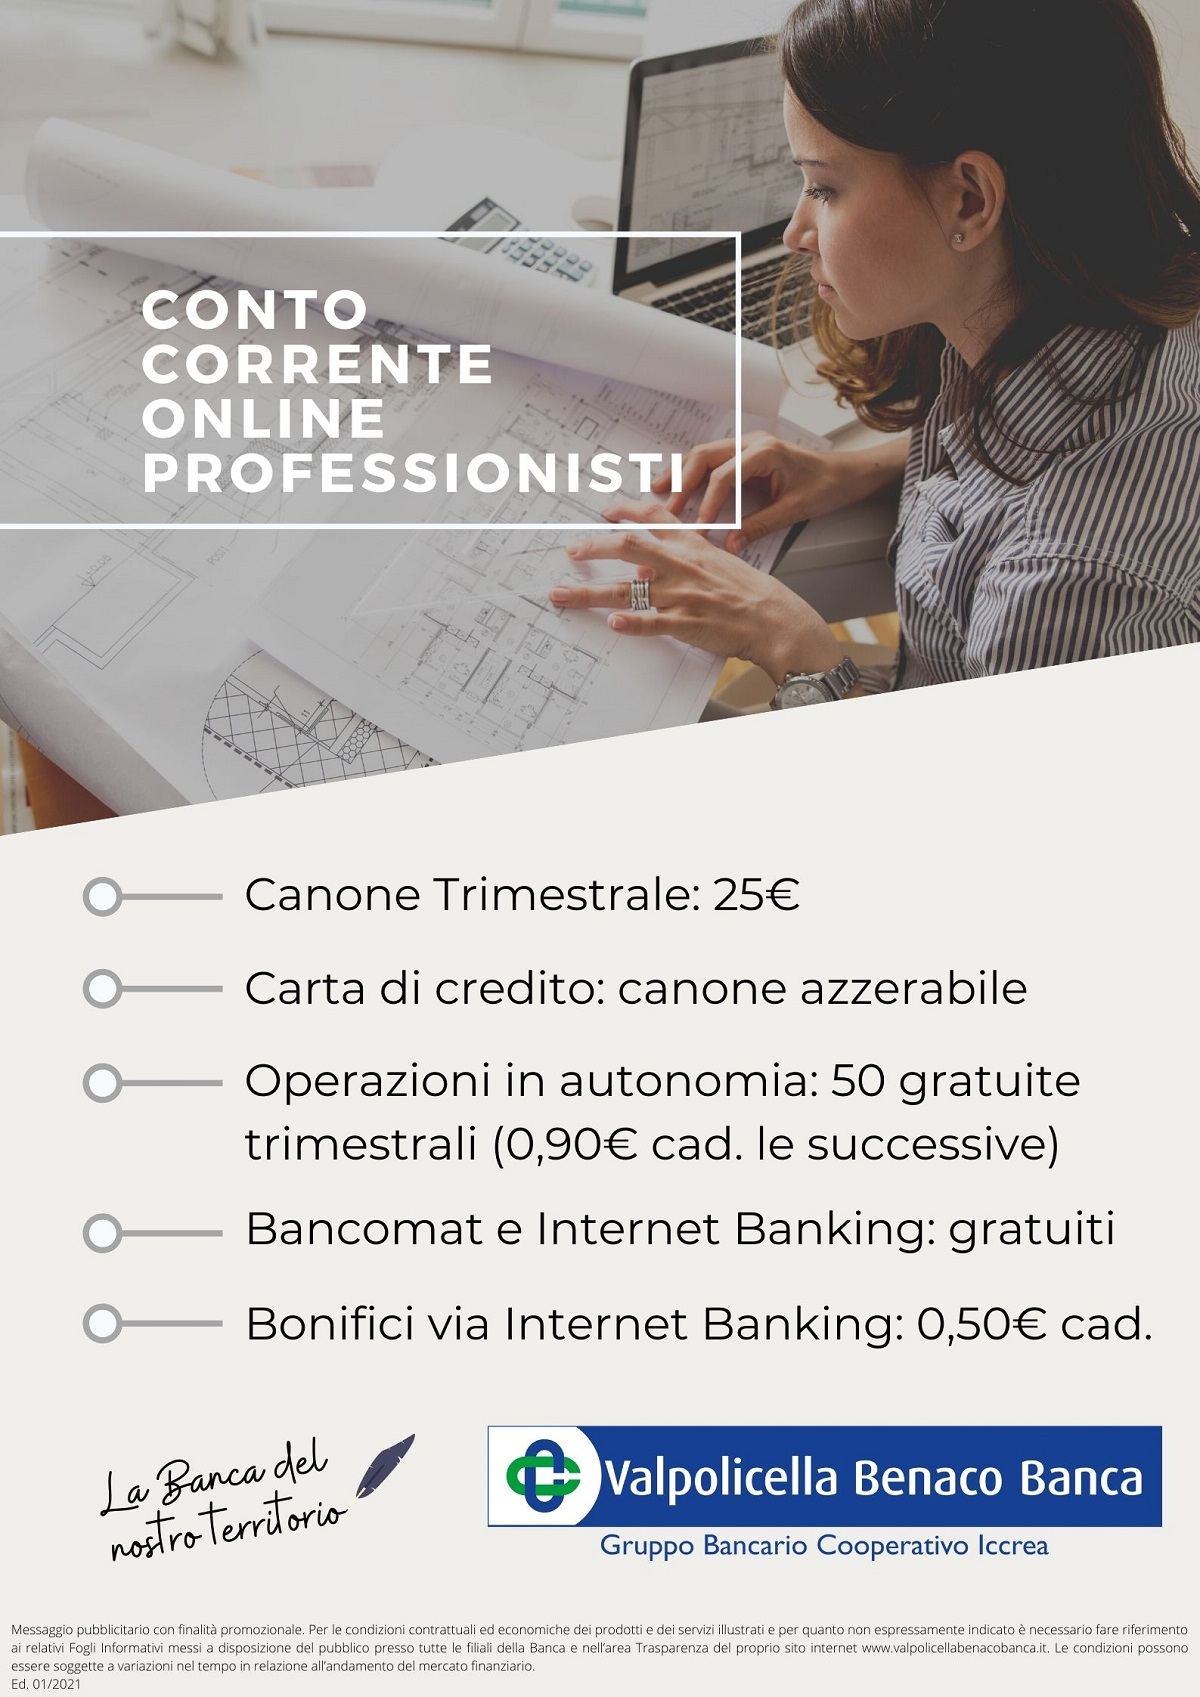 Conto Corrente Online Business Professionisti 2021